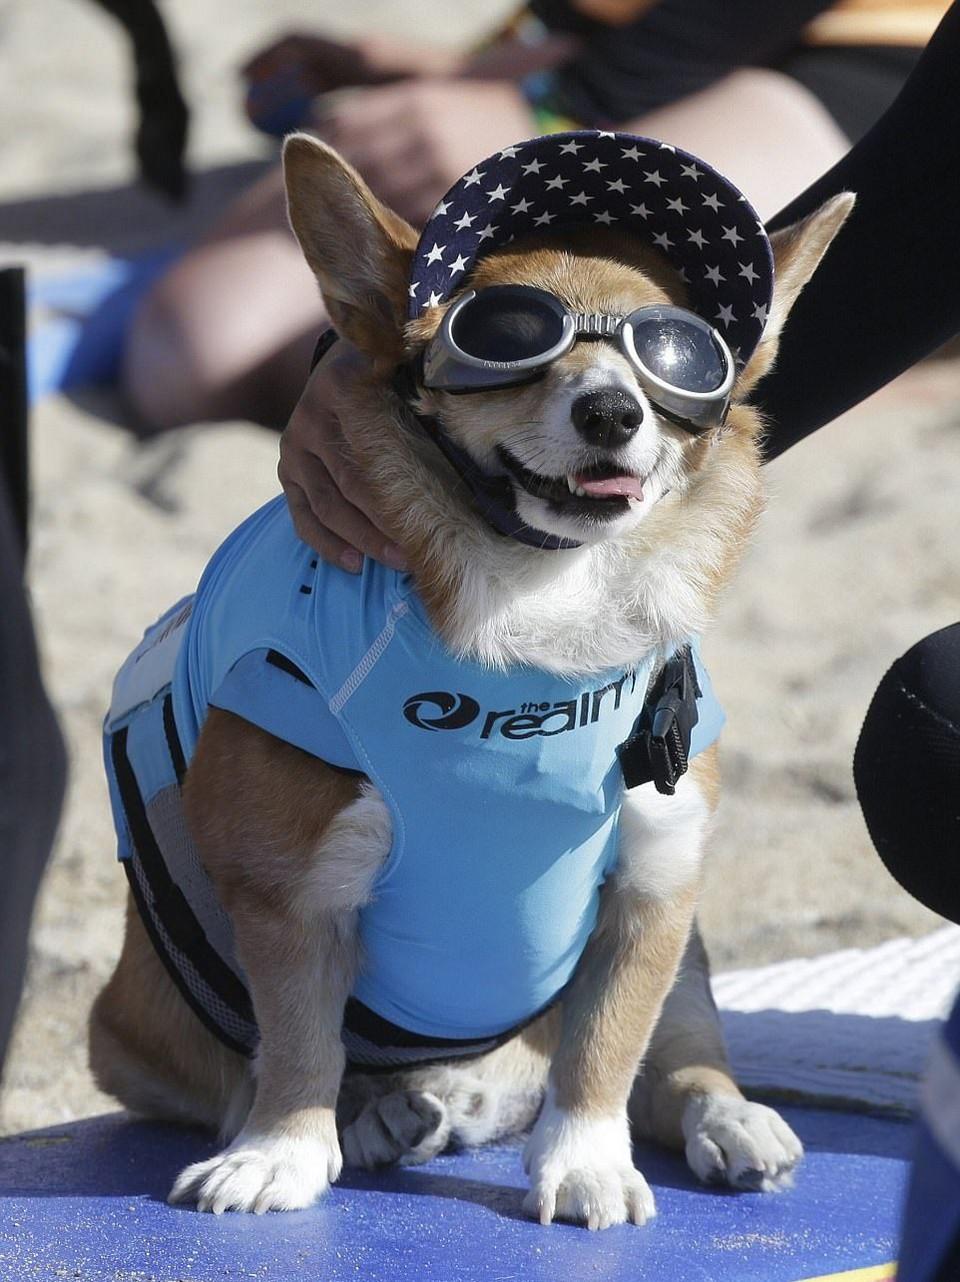 Соревнования по серфингу среди собак в Калифорнии 2017